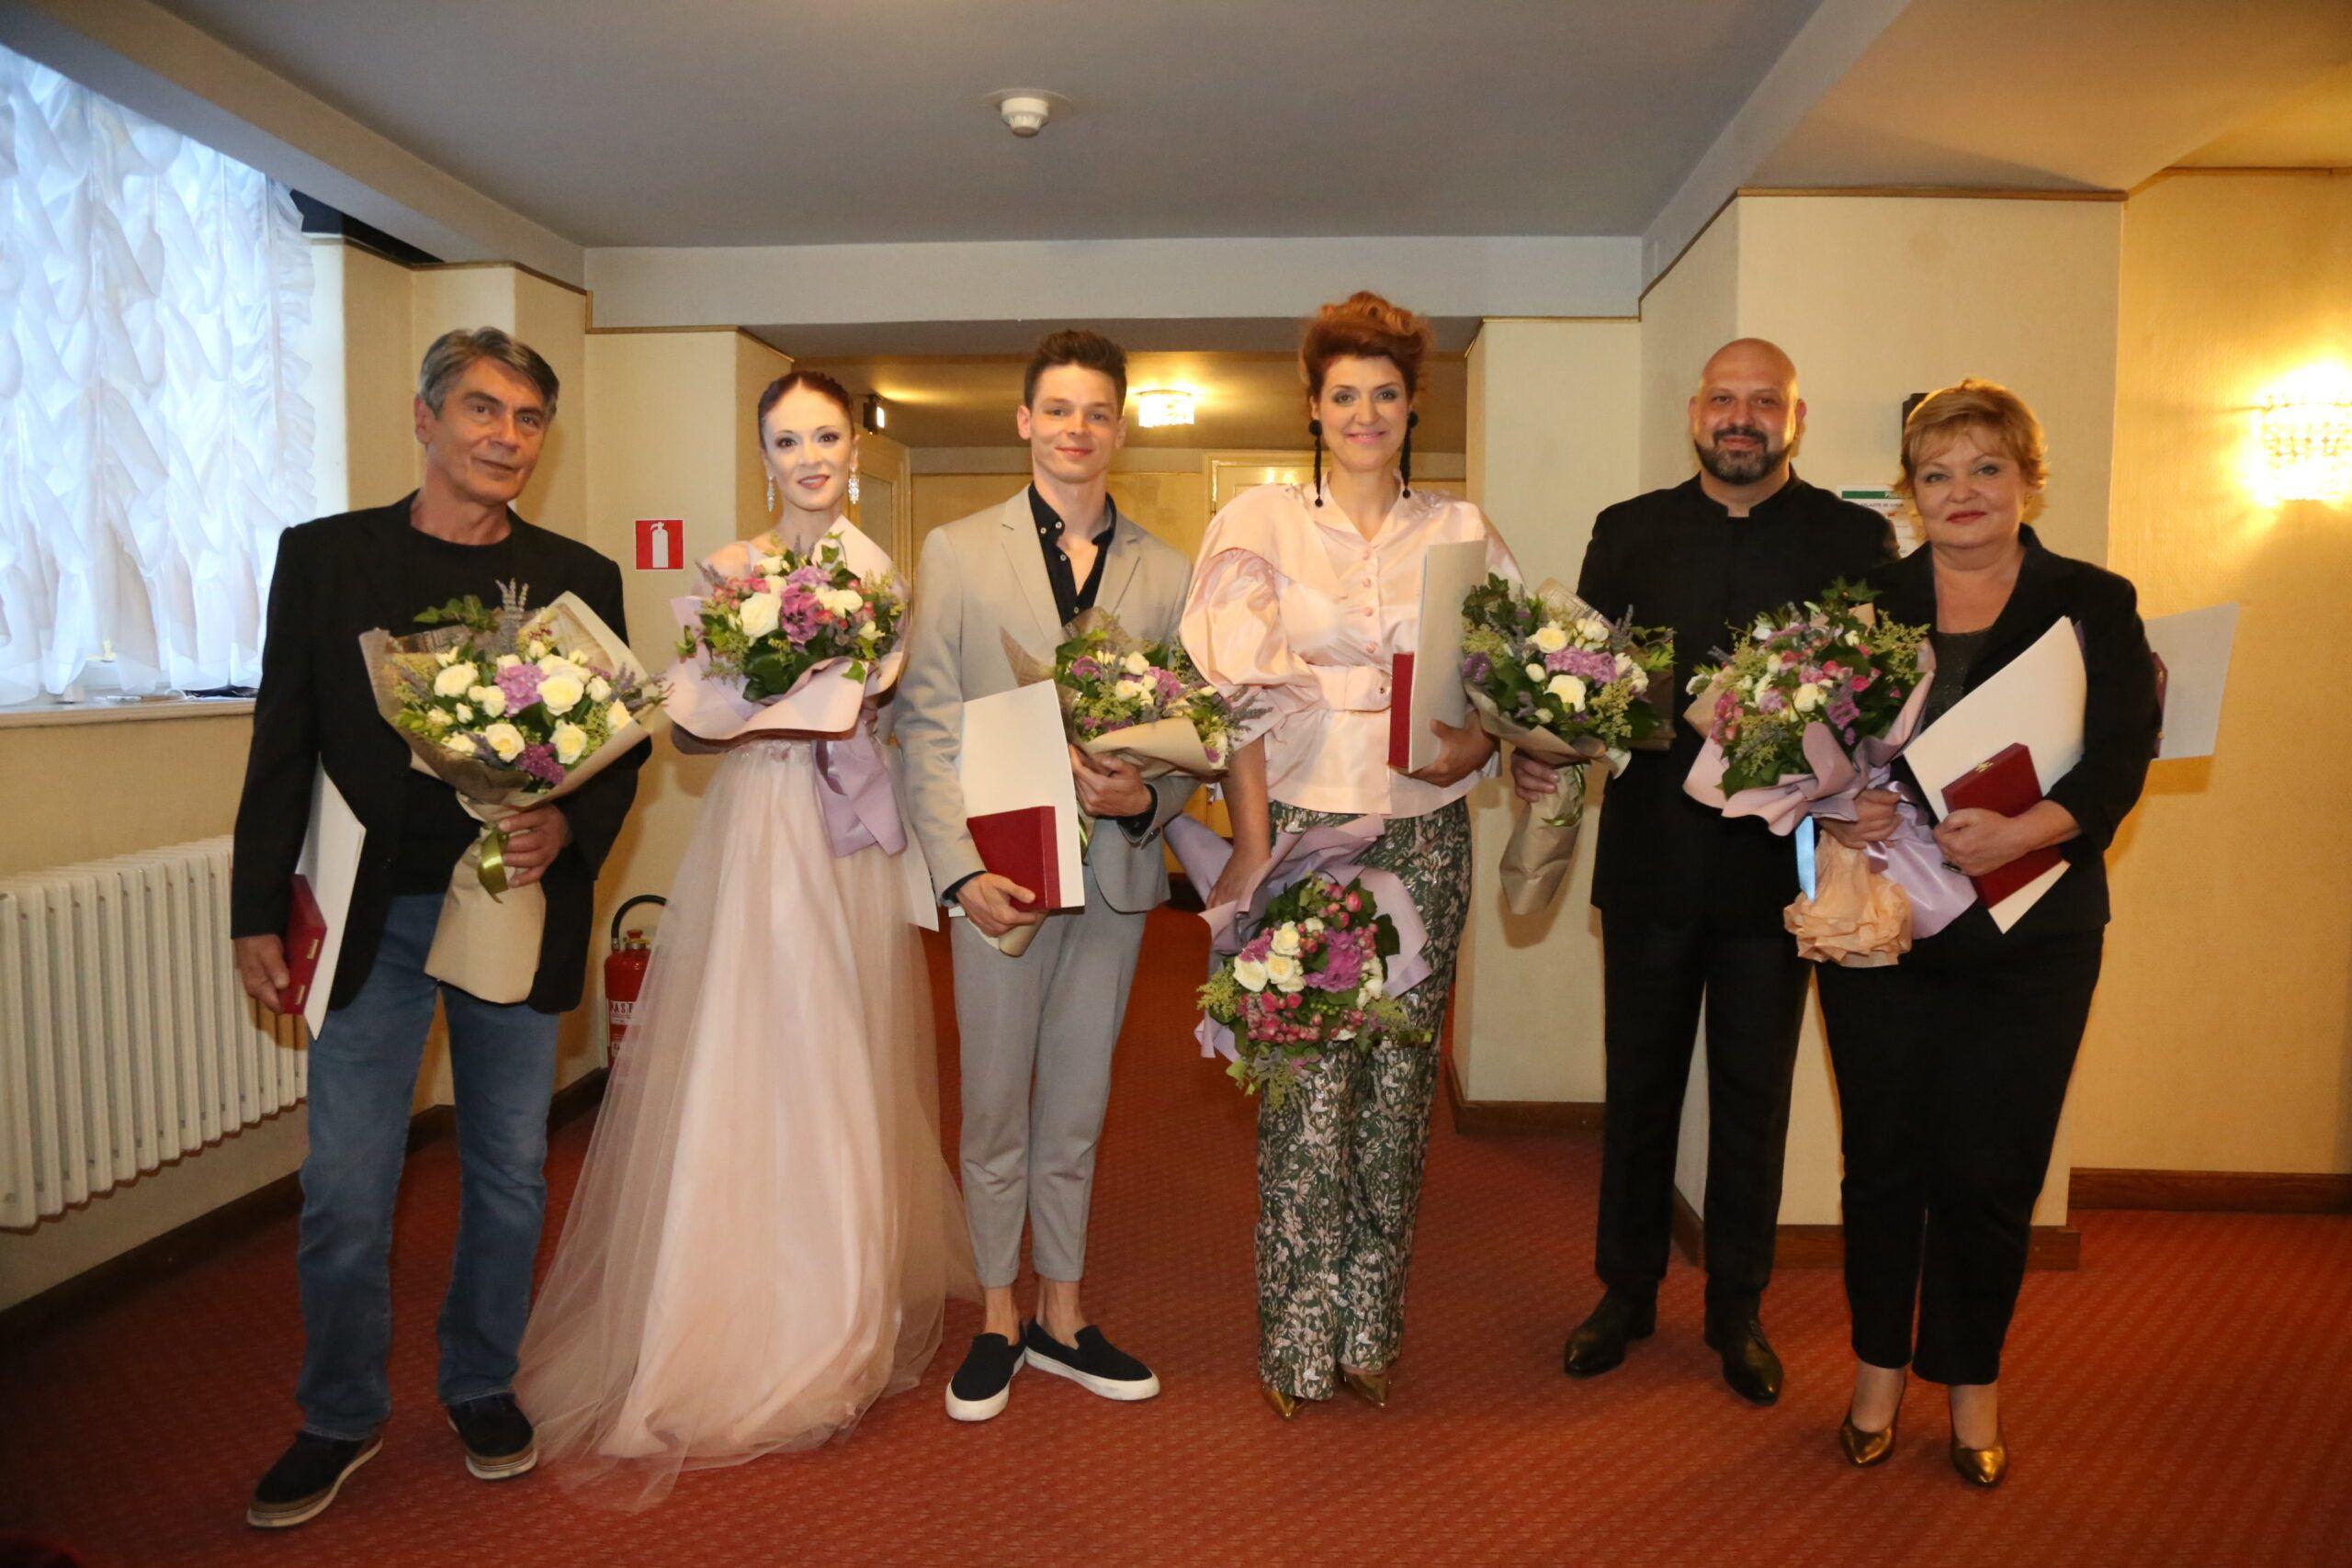 HNK zaključilo sezonu dodjelom umjetničkih nagrada i svečanim koncertom